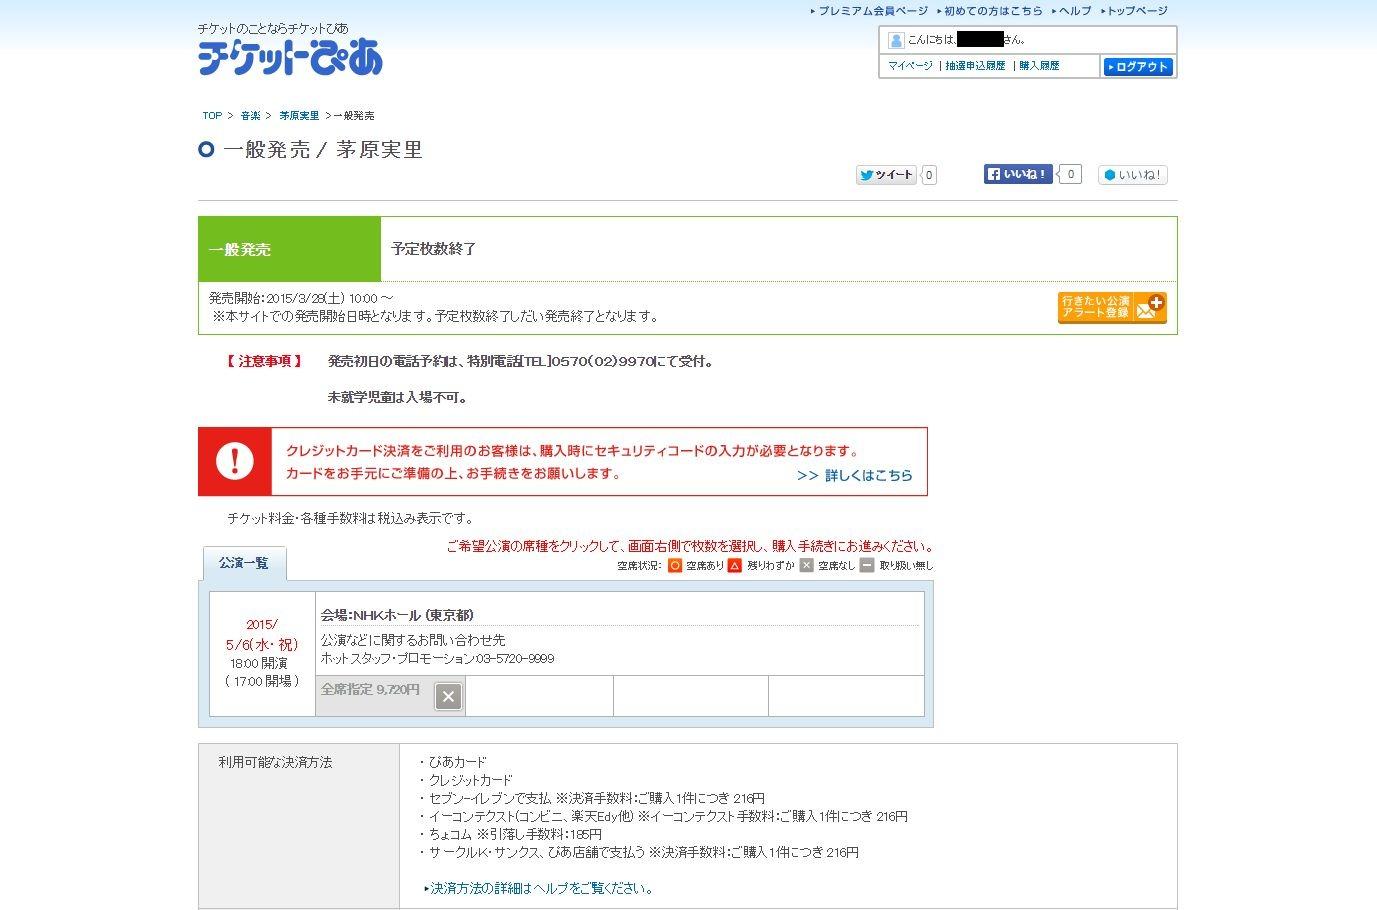 b0048879_10192297.jpg